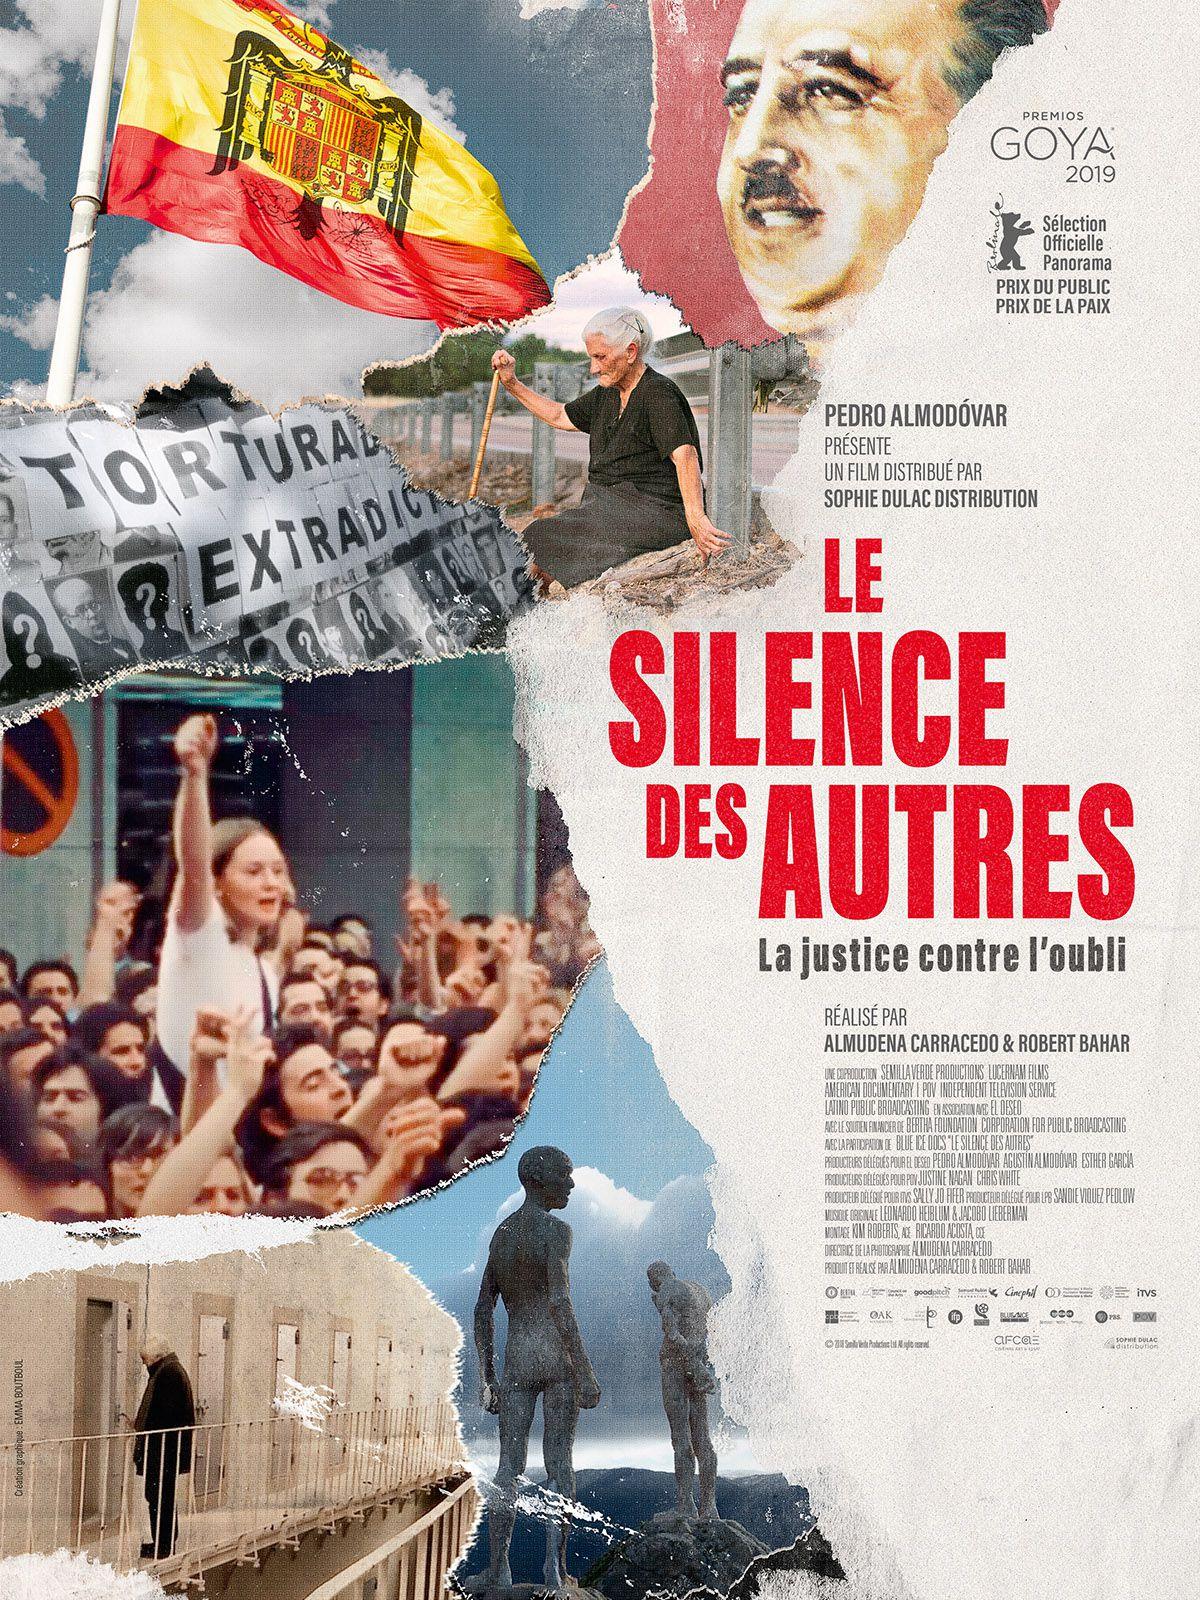 Le Silence des autres - Documentaire (2019)